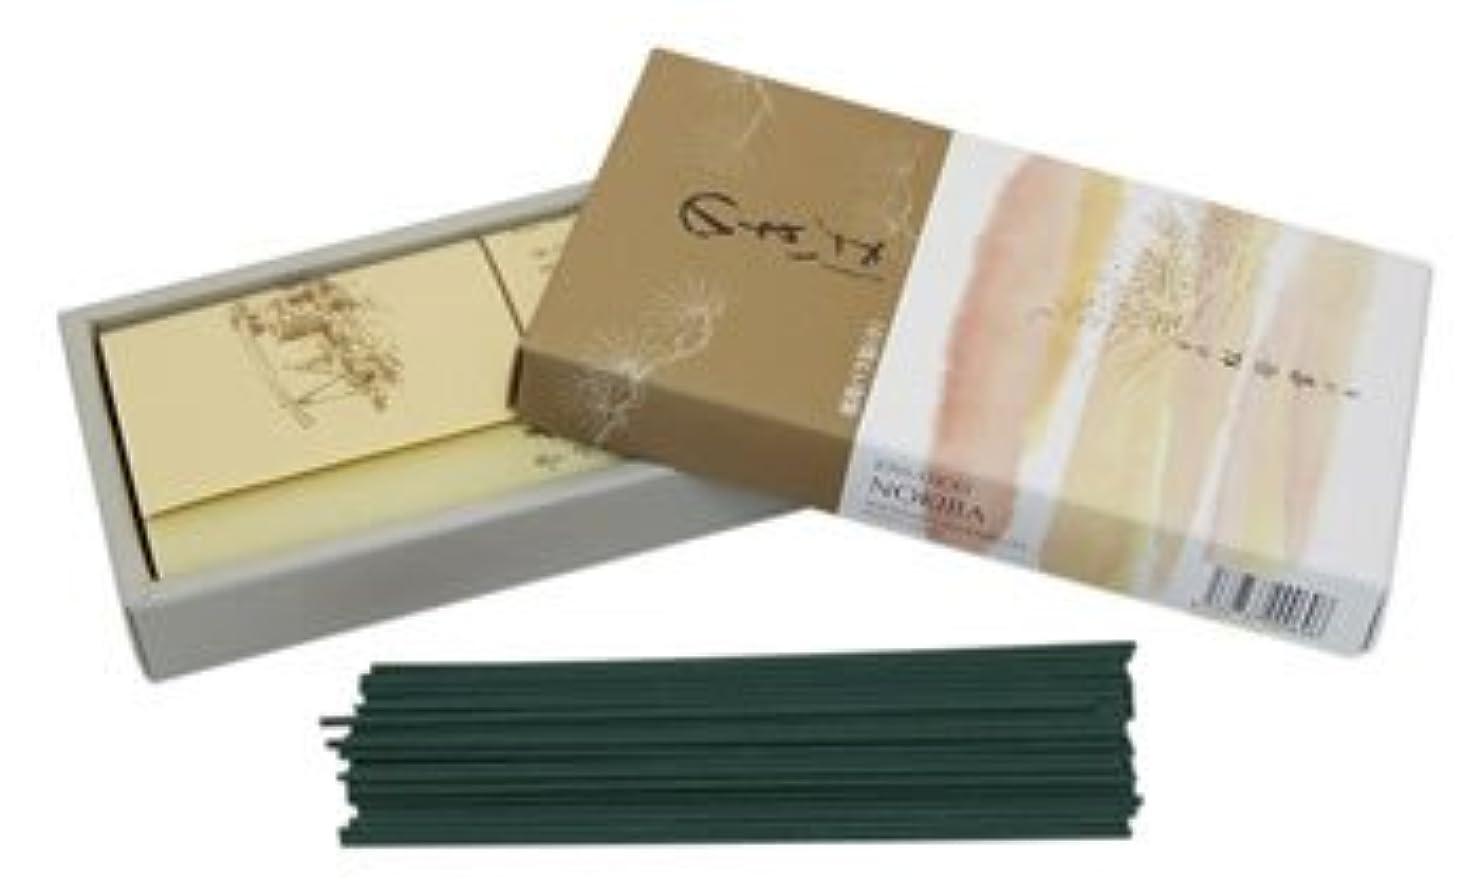 ネット弁護士粘着性Moss Garden (Nokiba) With Sandalwood - Shoyeido Classic Japanese Incense - Box of 250 Sticks